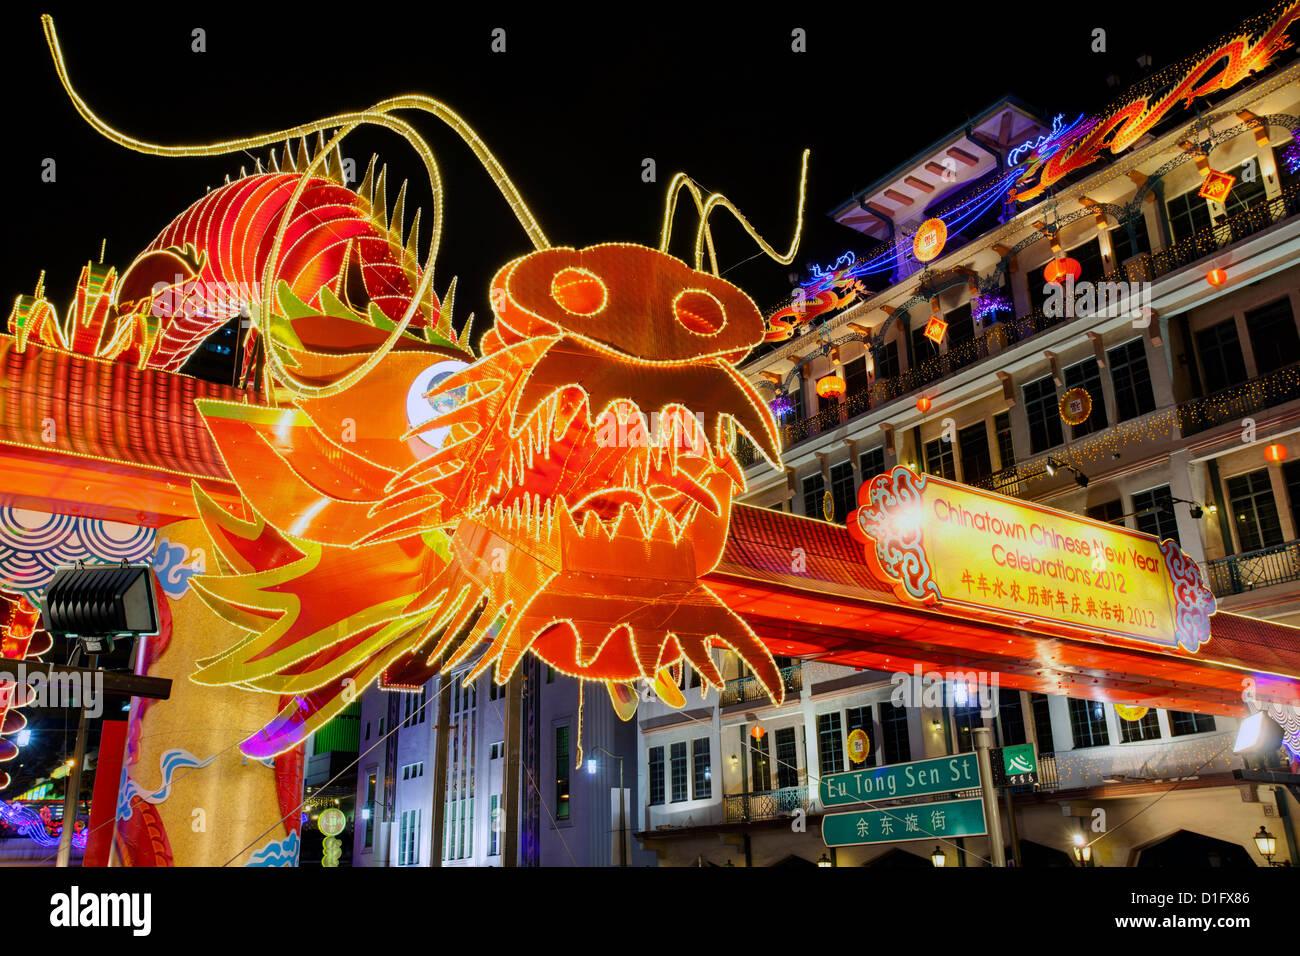 Chinesisches Neujahr feiern, neue Bridge Road, Chinatown, Singapur, Südostasien, Asien Stockbild